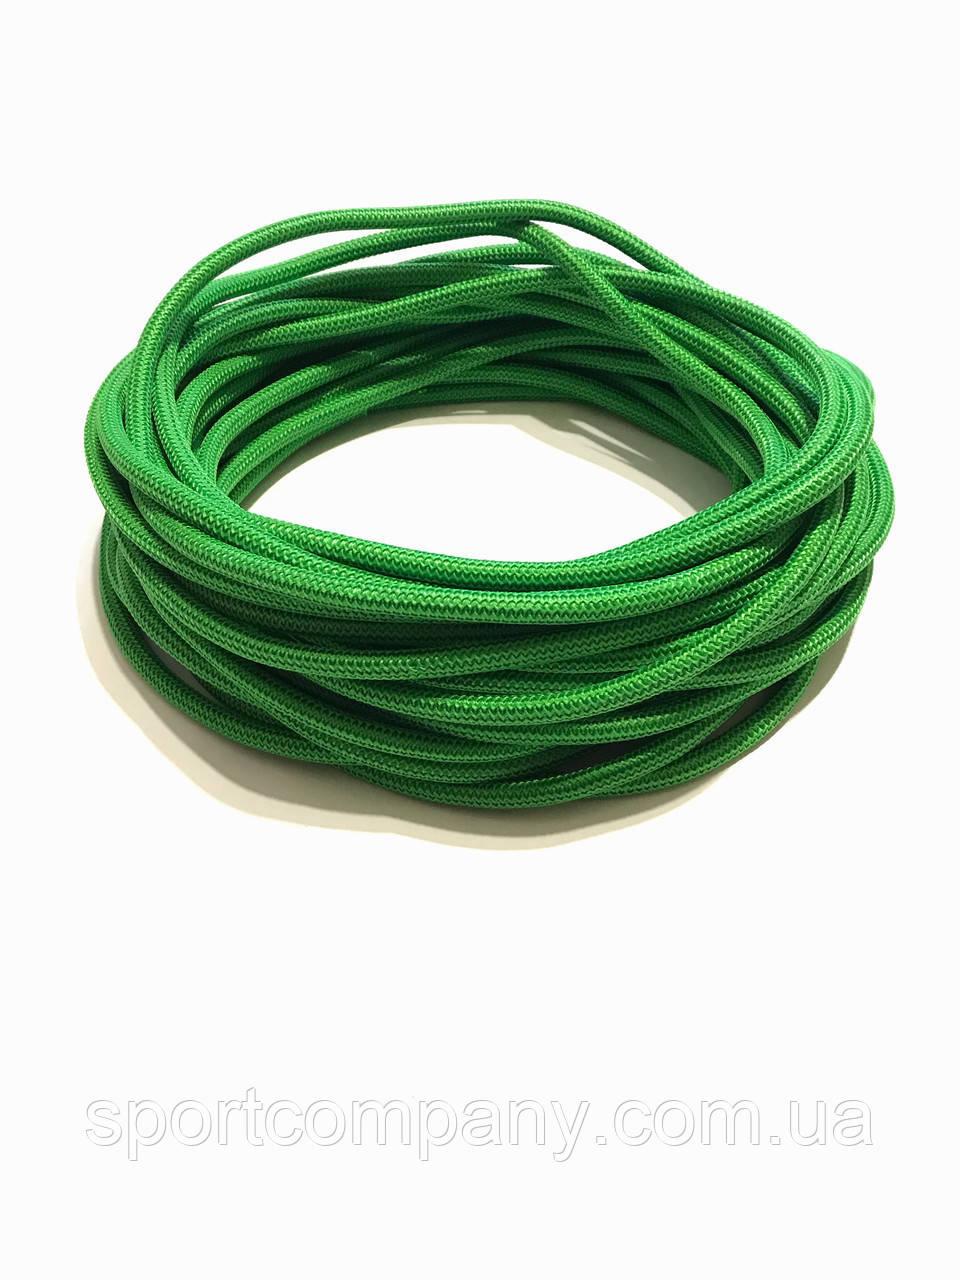 Жгут спортивный резиновый в тканевой оплетке ( резина, d-10 мм, I-500 см, зелёный  ) rez.zhyt10green